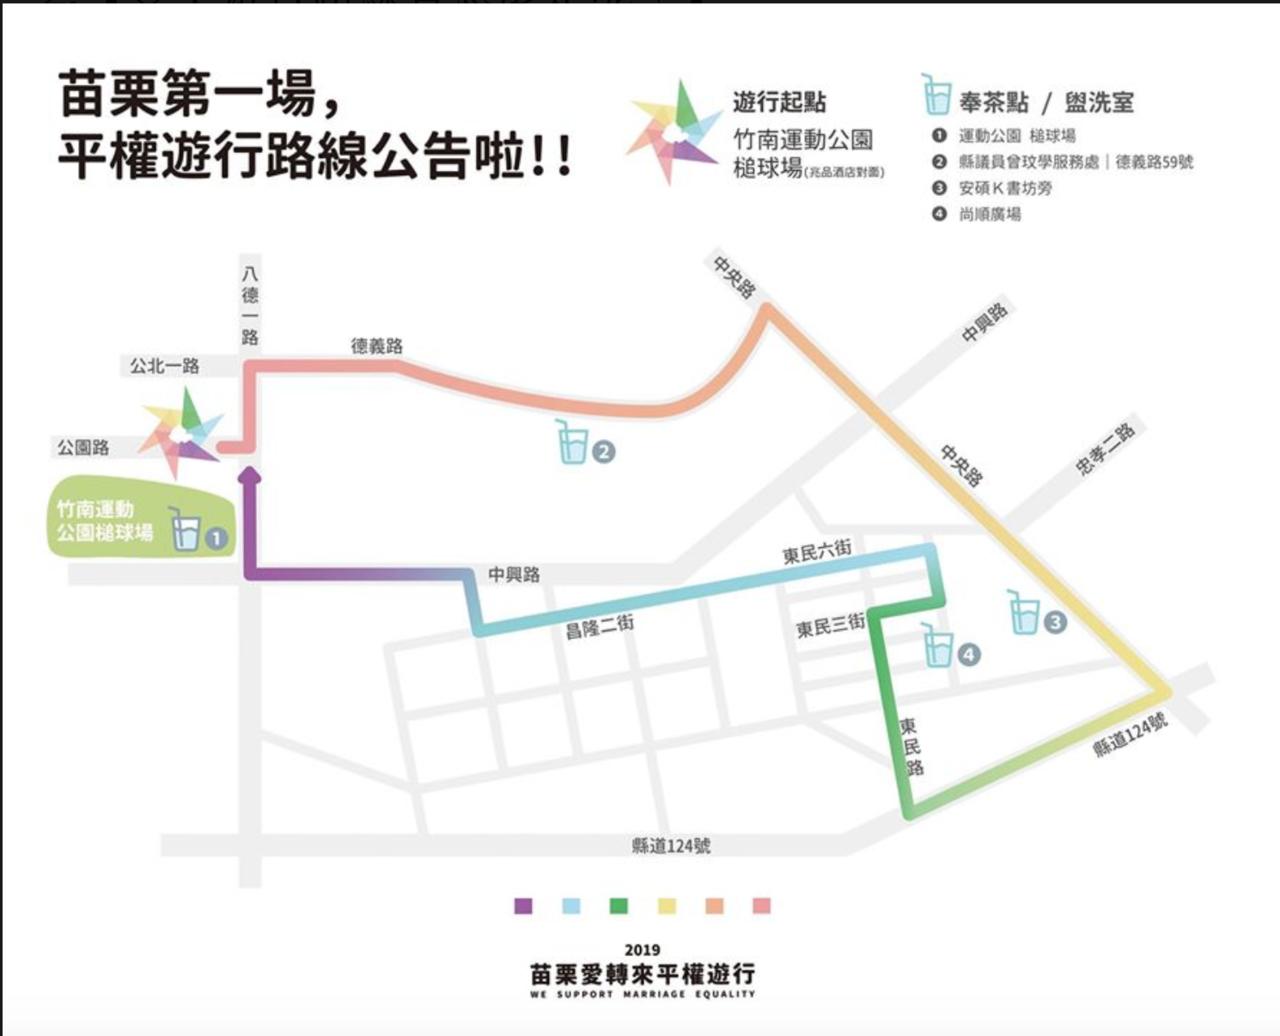 苗栗愛轉來平權遊行團隊,將在母親節的周末,本月11日下午1點在竹南頭份運動公園舉...